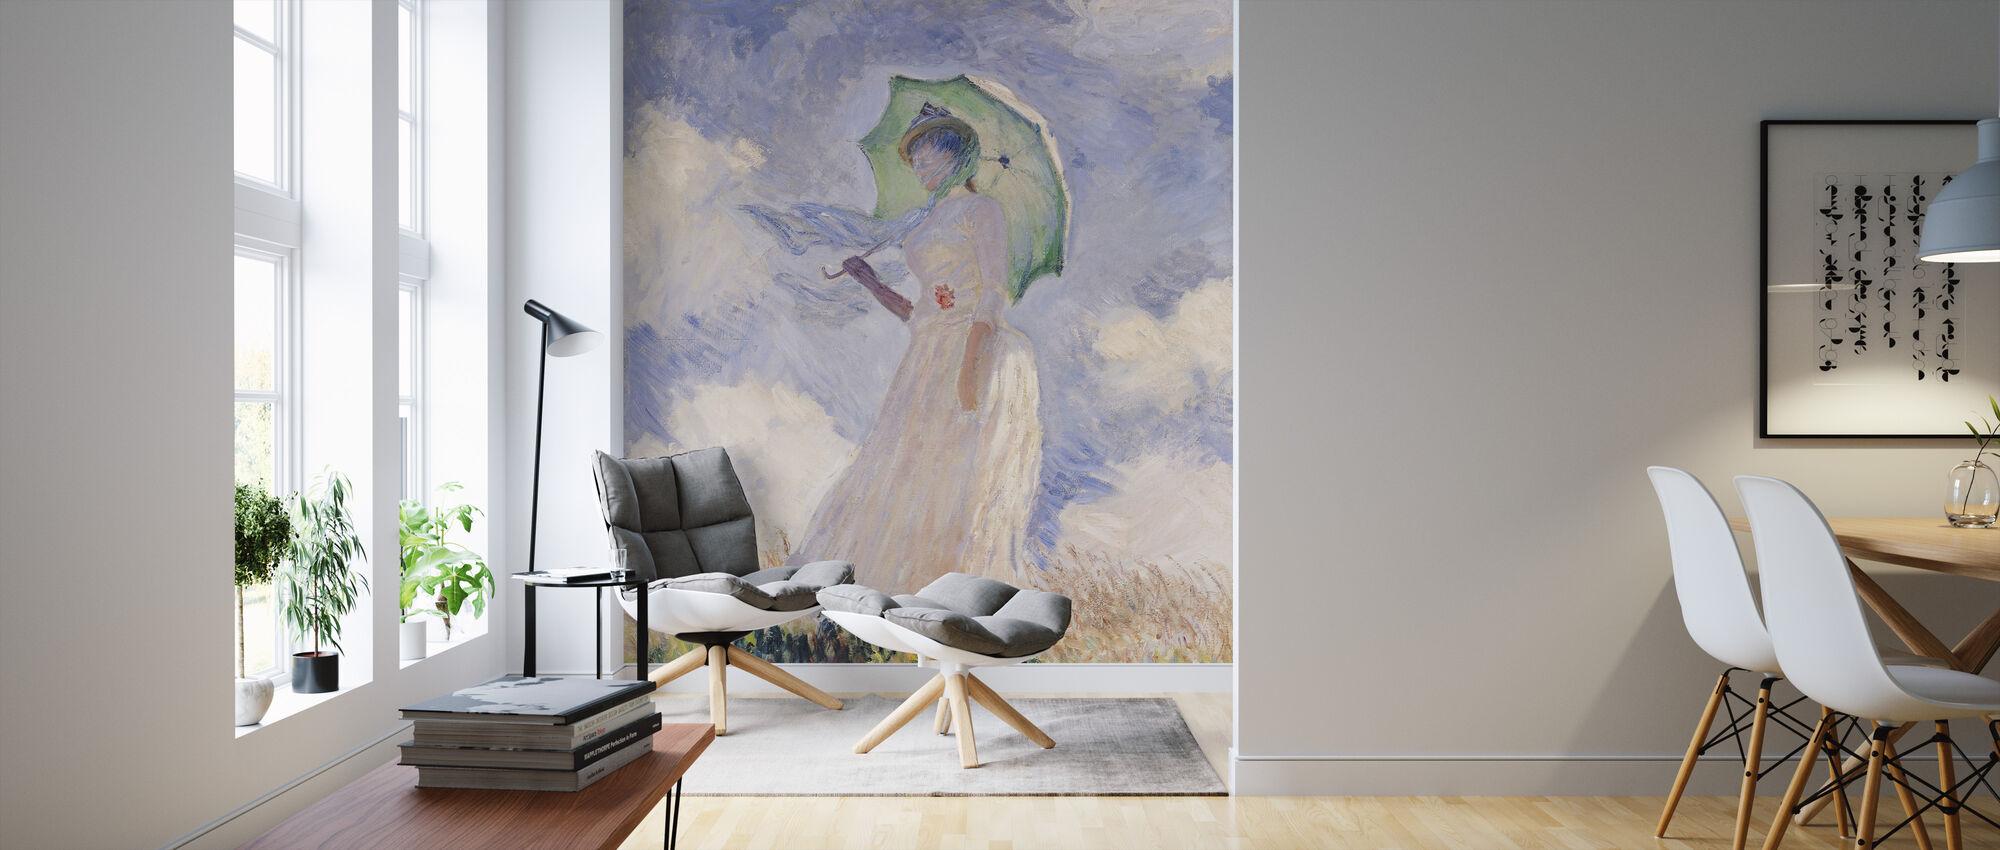 Vrouw met Parasol, Claude Monet - Behang - Woonkamer